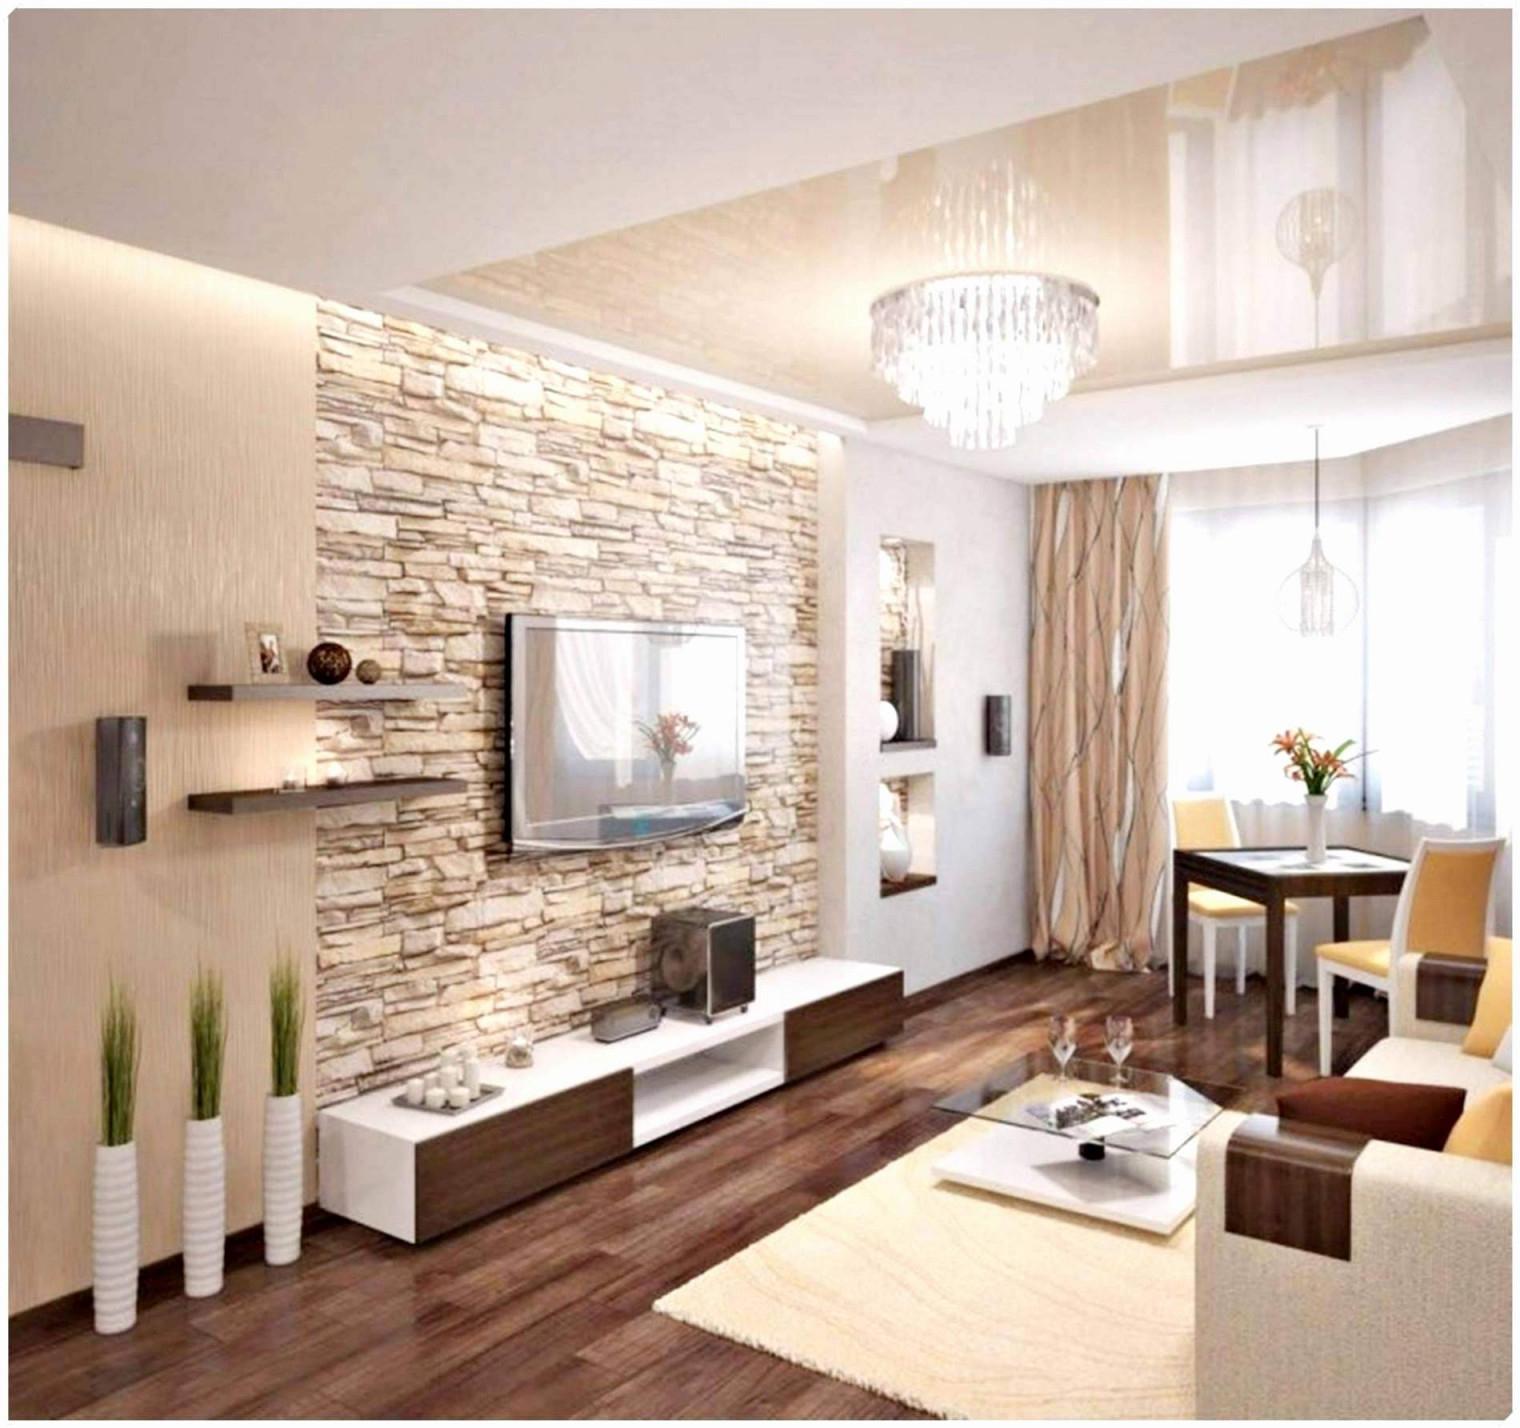 37 Luxus Tapeten Kombinationen Wohnzimmer Reizend von Tapeten Ideen Wohnzimmer Bild